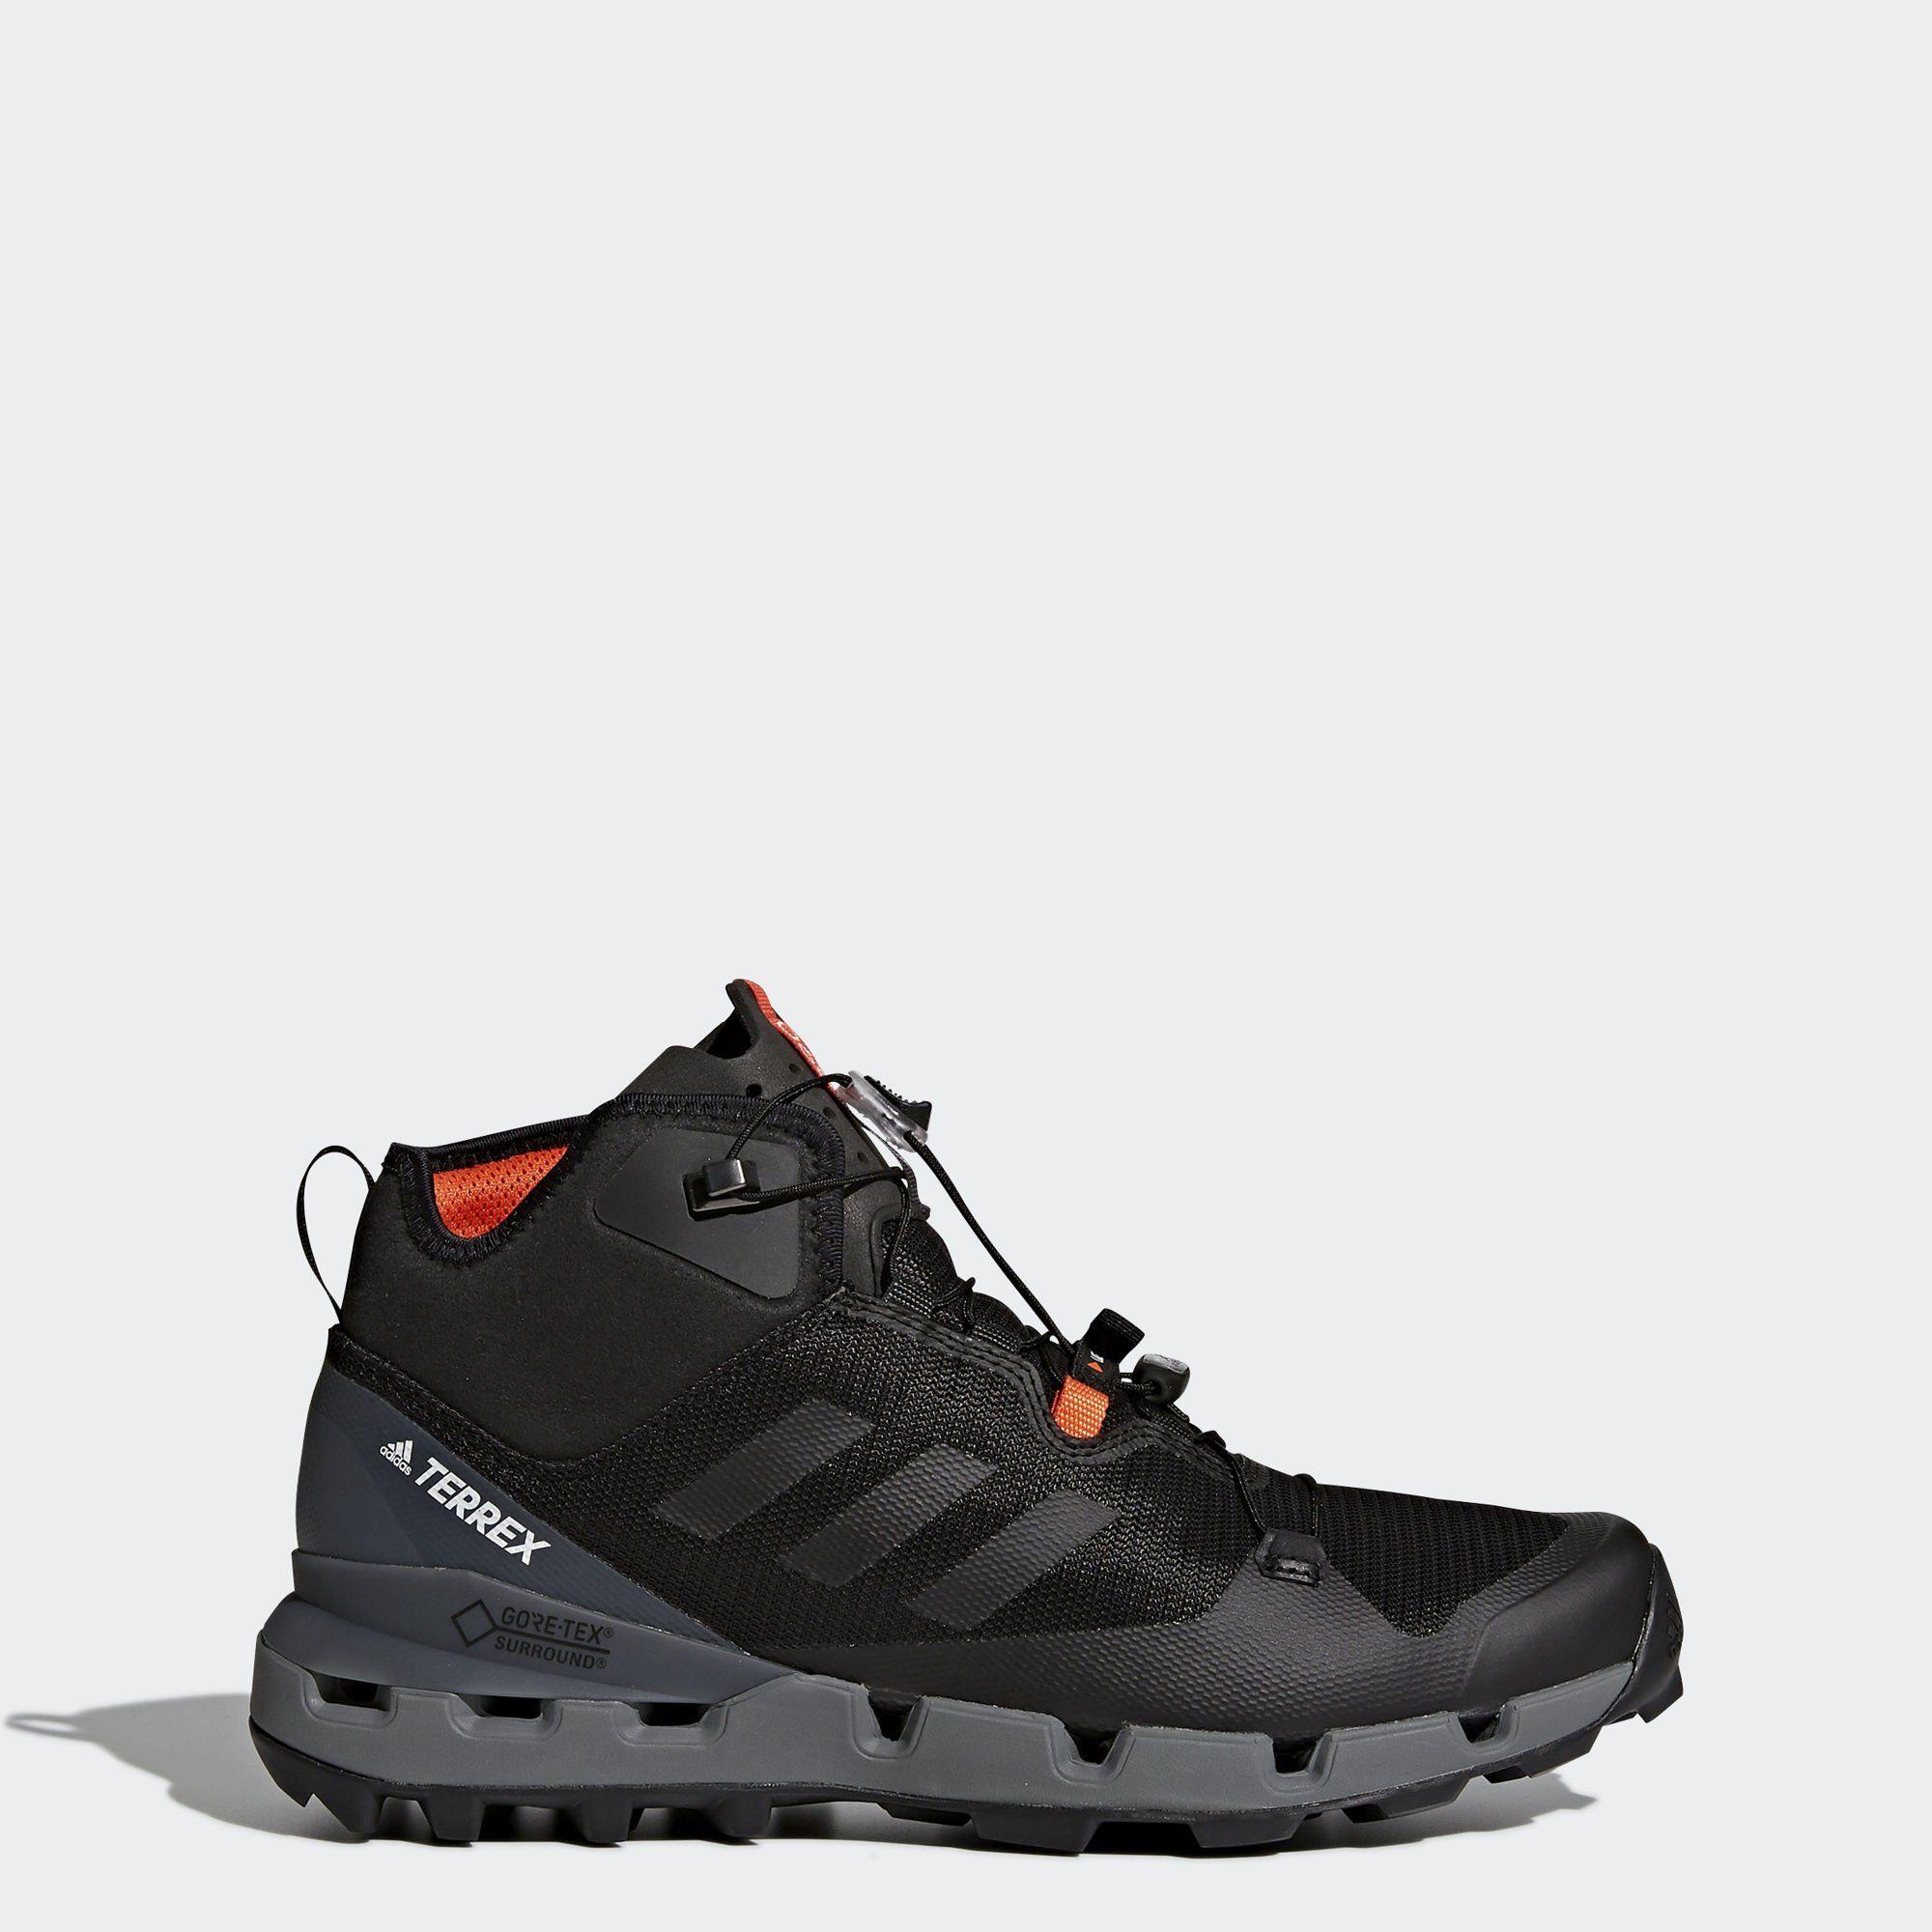 »TERREX Fast Mid GTX-Surround Schuh« Outdoorschuh, schwarz, black adidas Performance